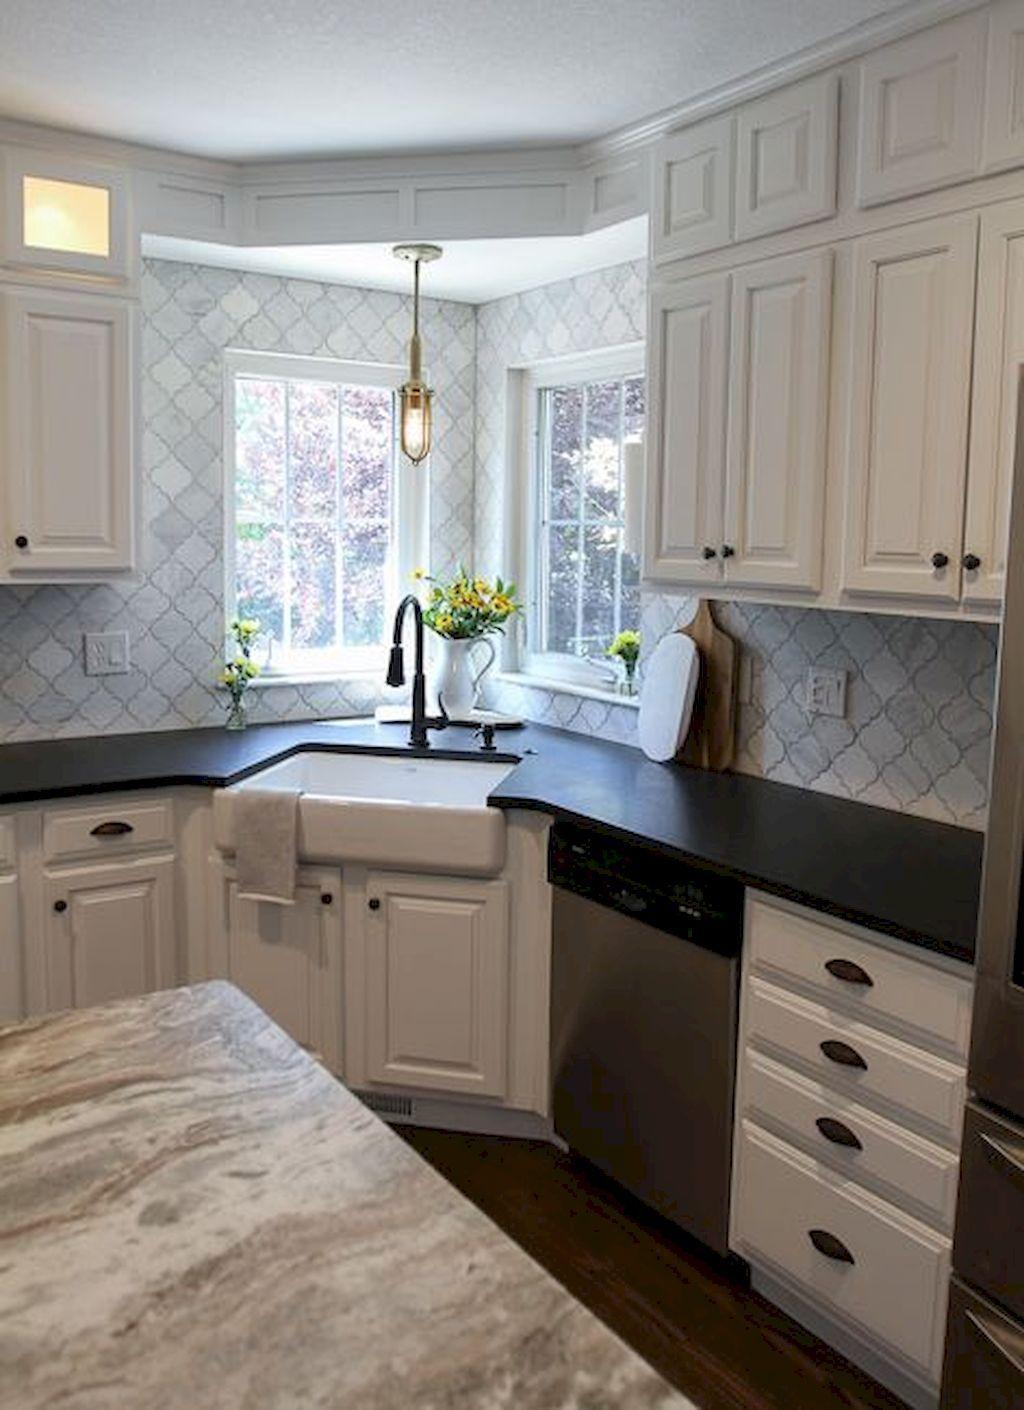 70 stunning farmhouse kitchen sink ideas decor kitchen